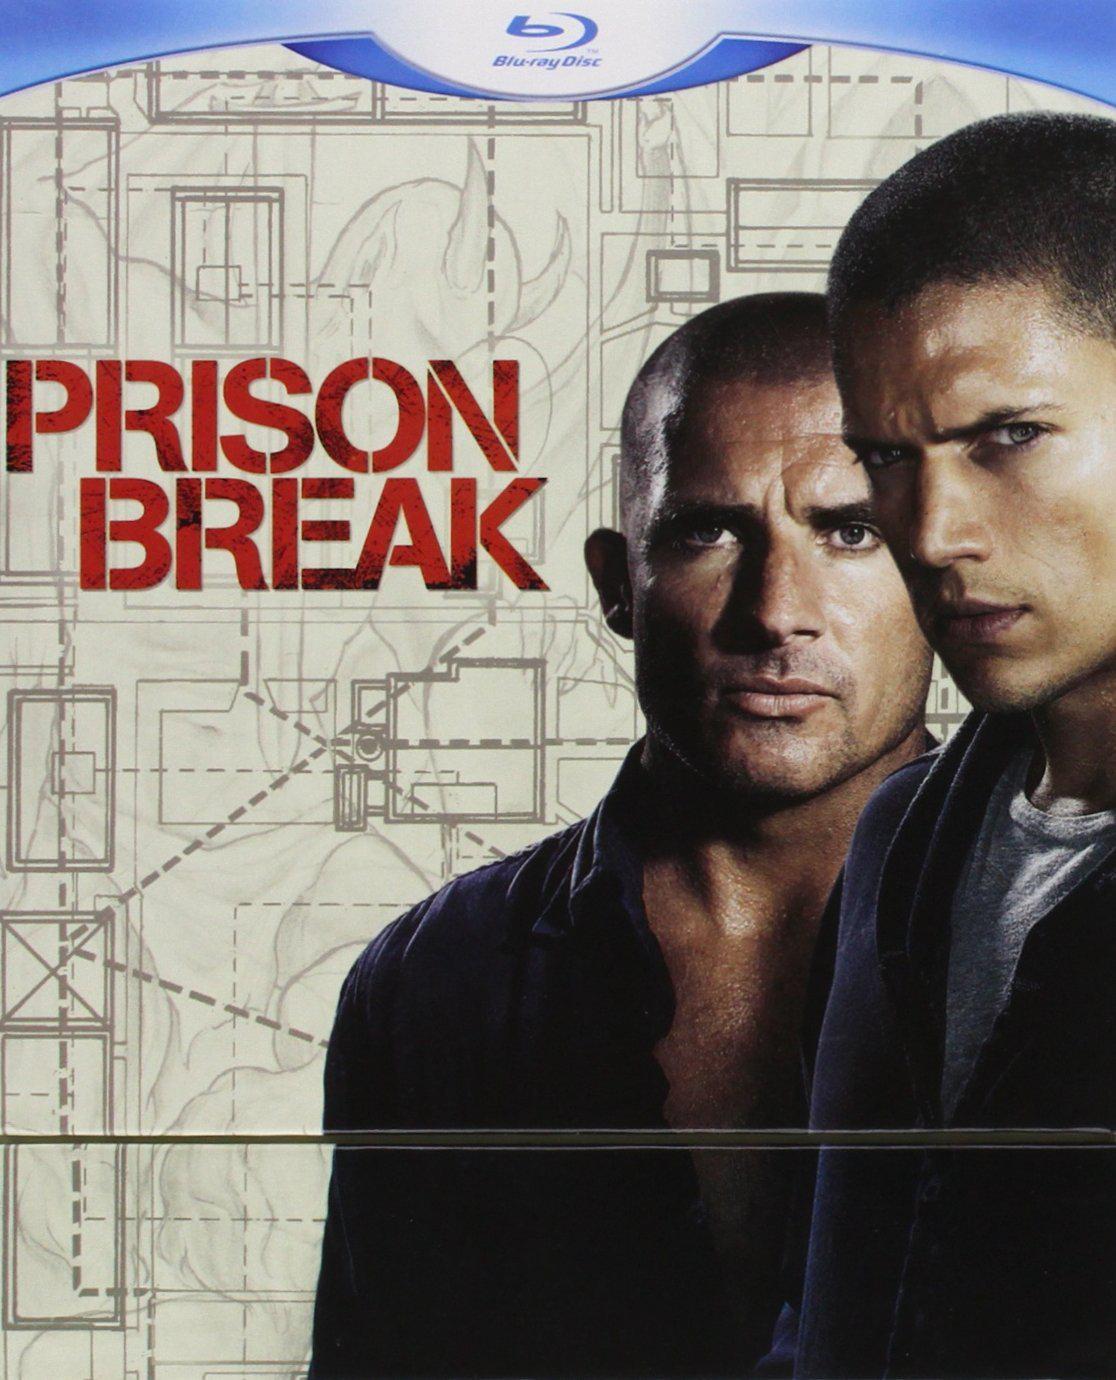 Sélection de coffrets en promotion (voir description) - Ex : Coffret Blu-ray Intégrale Prison Break